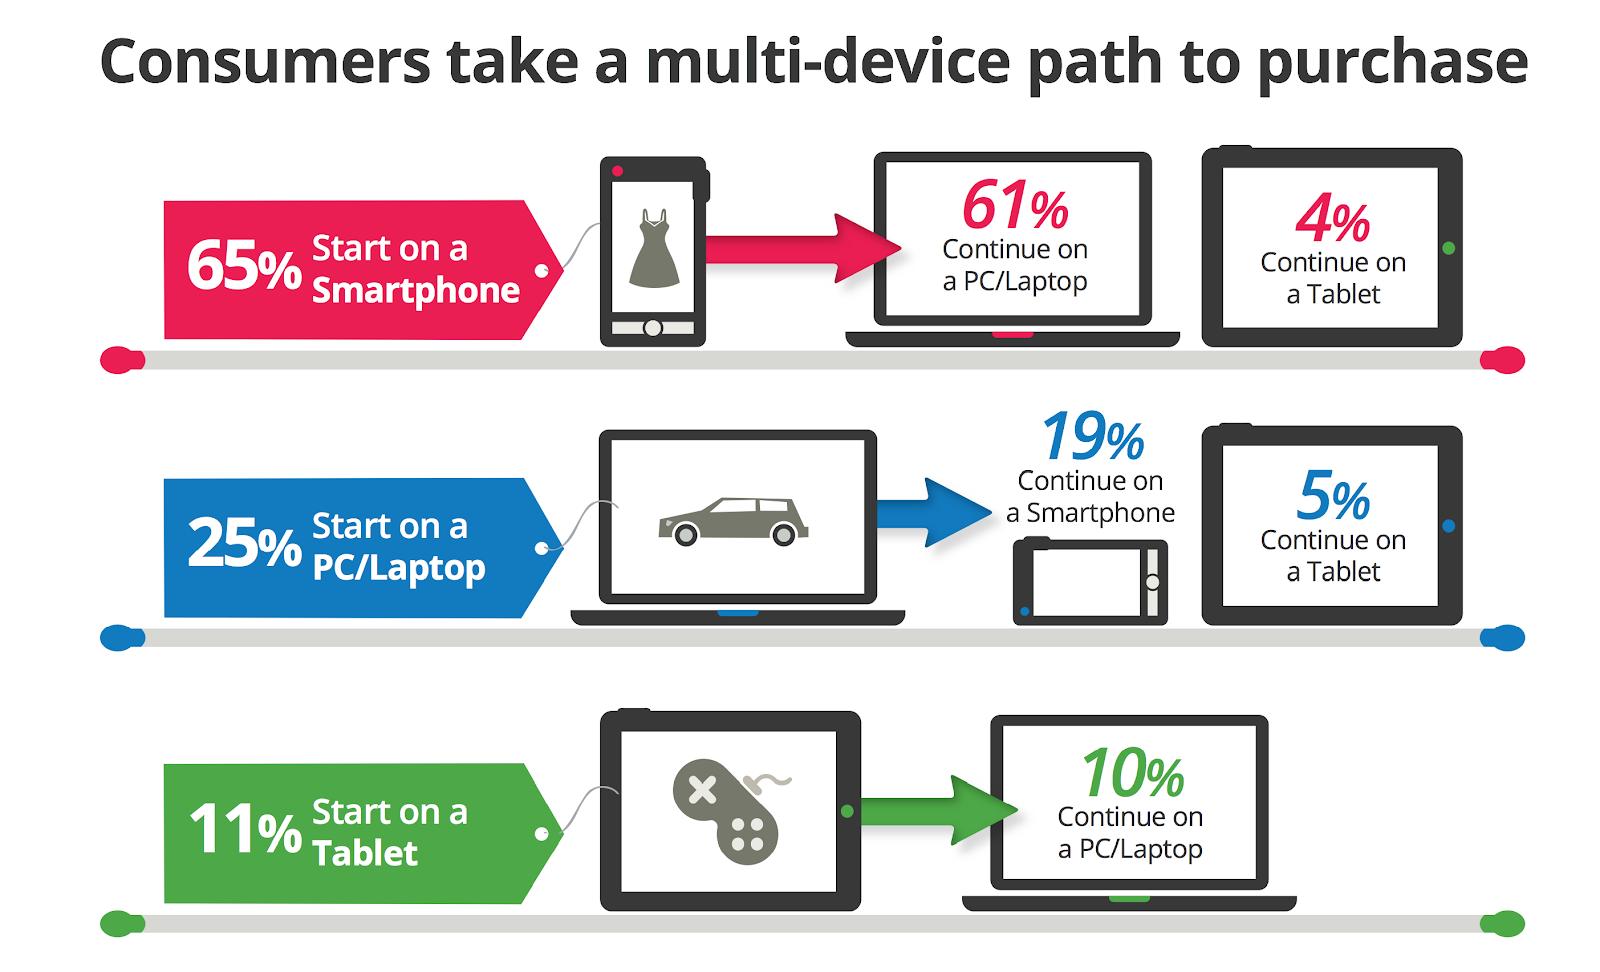 O comportamento do consumidor mudou graças à introdução de novos dispositivos no seu dia-a-dia